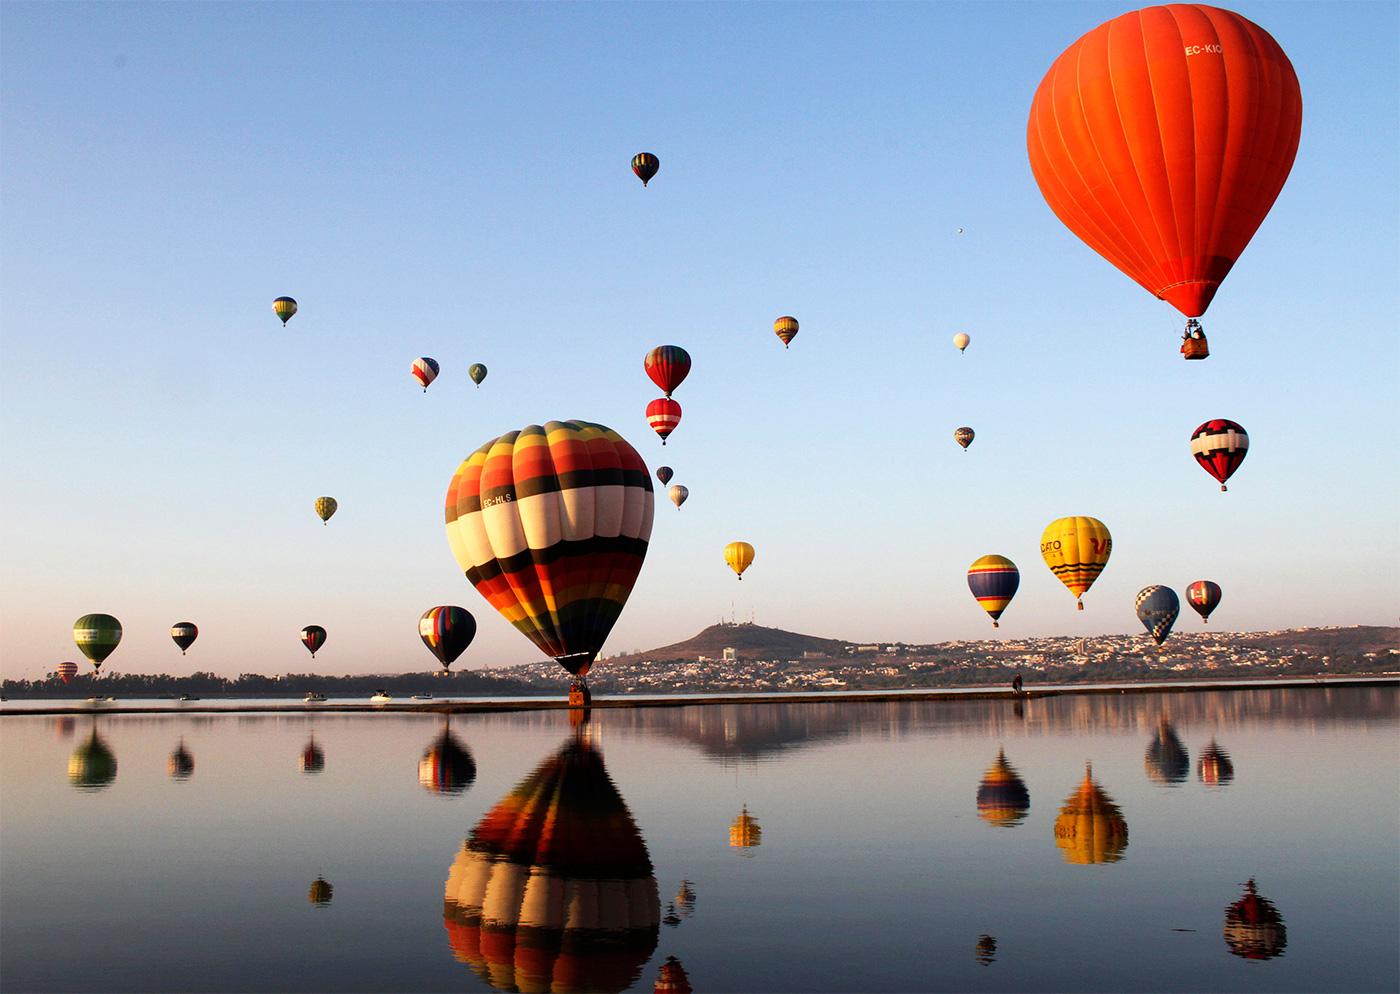 поэтому картинки красивые с шарами большими летающими мам пап